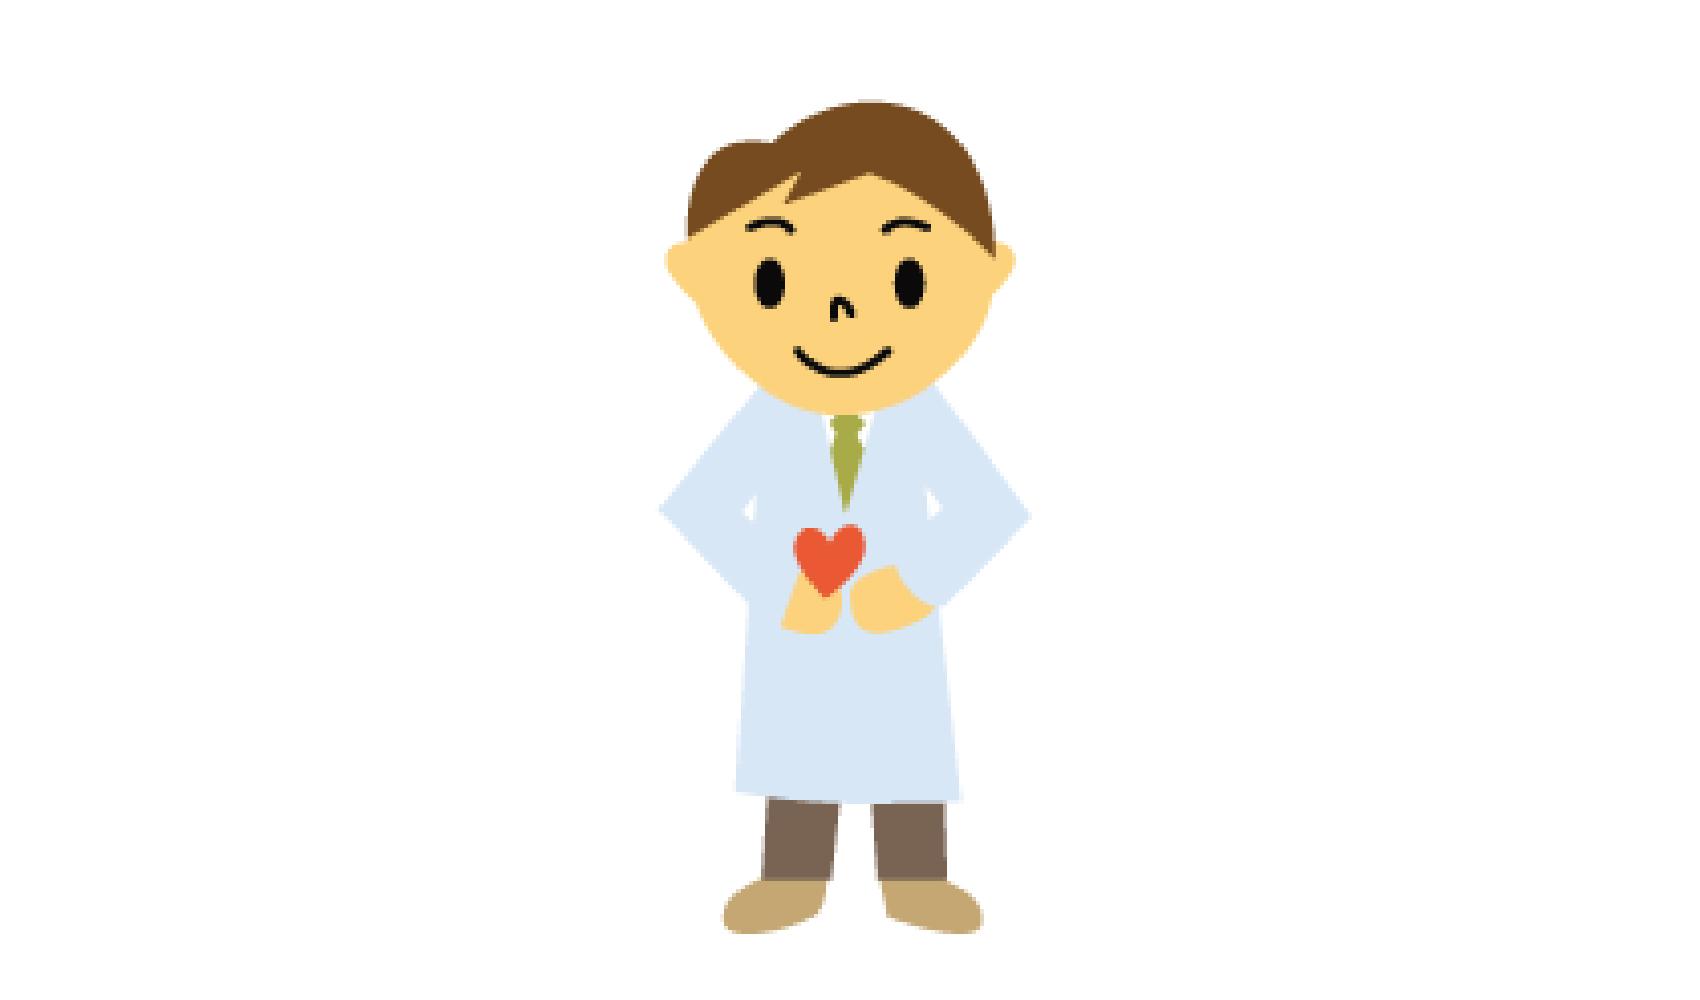 臨床心理士(心理カウンセラー)